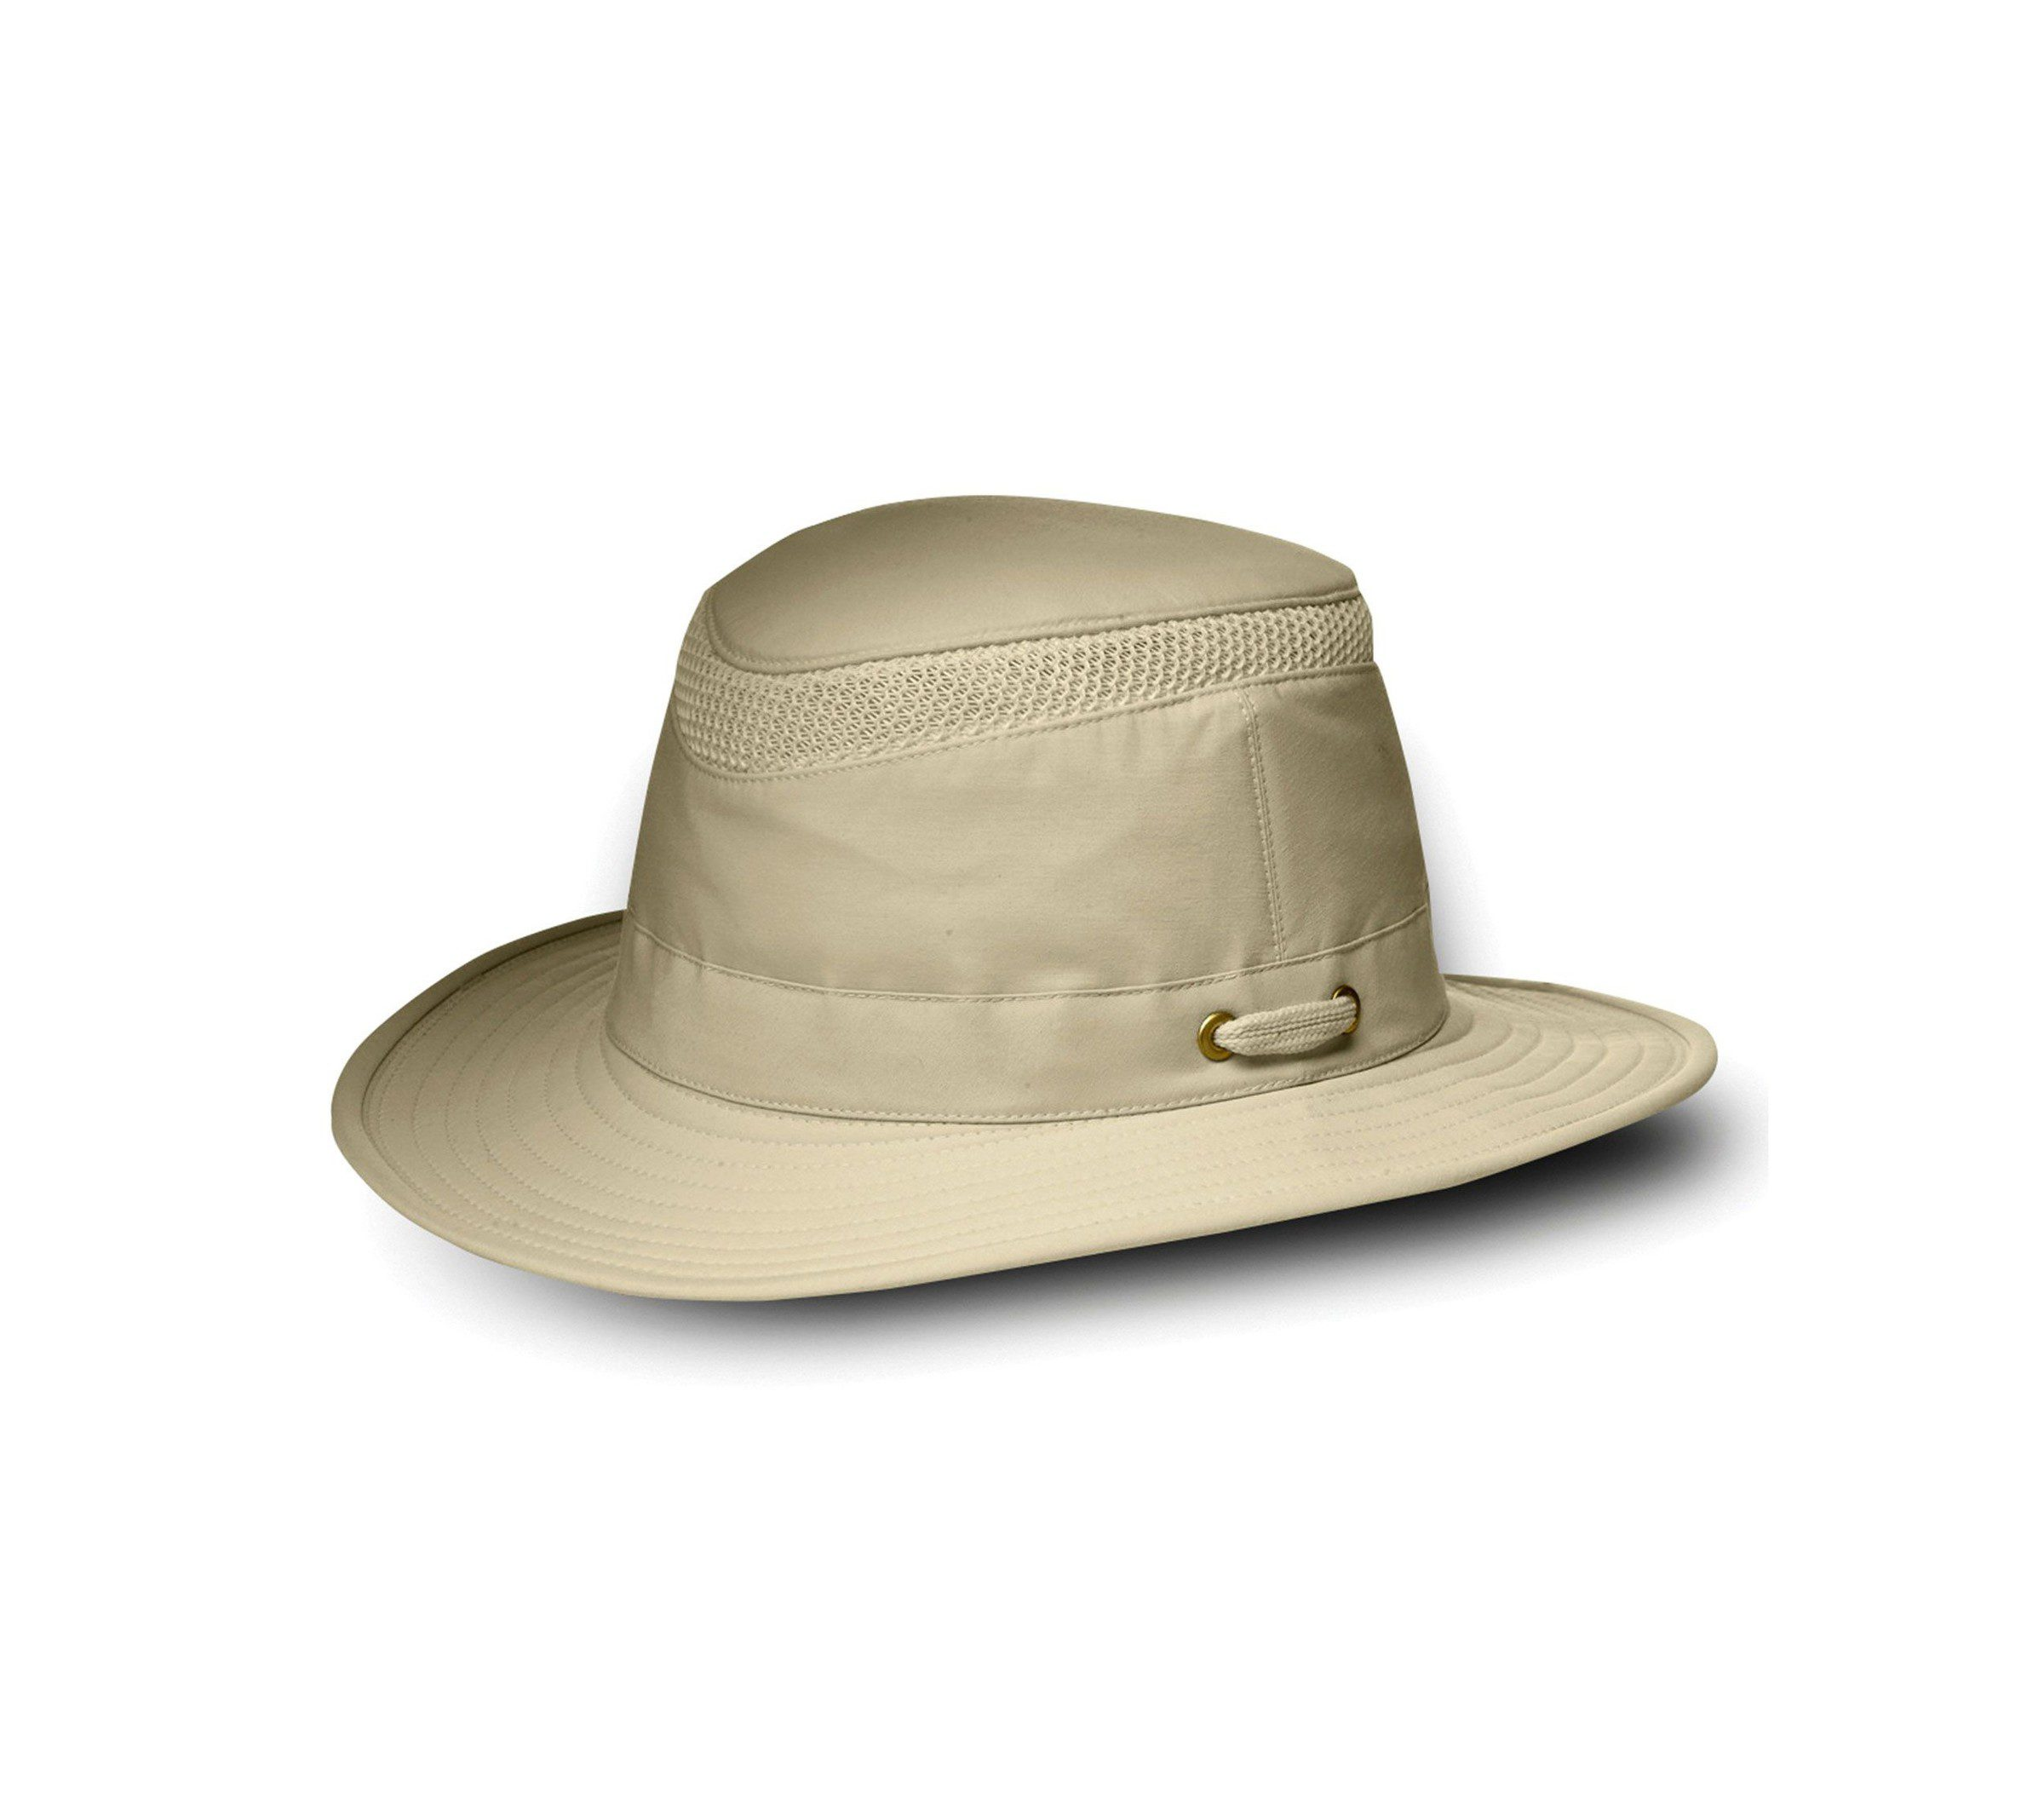 Tilley LTM5 Airflo Hat - Khaki/Olive